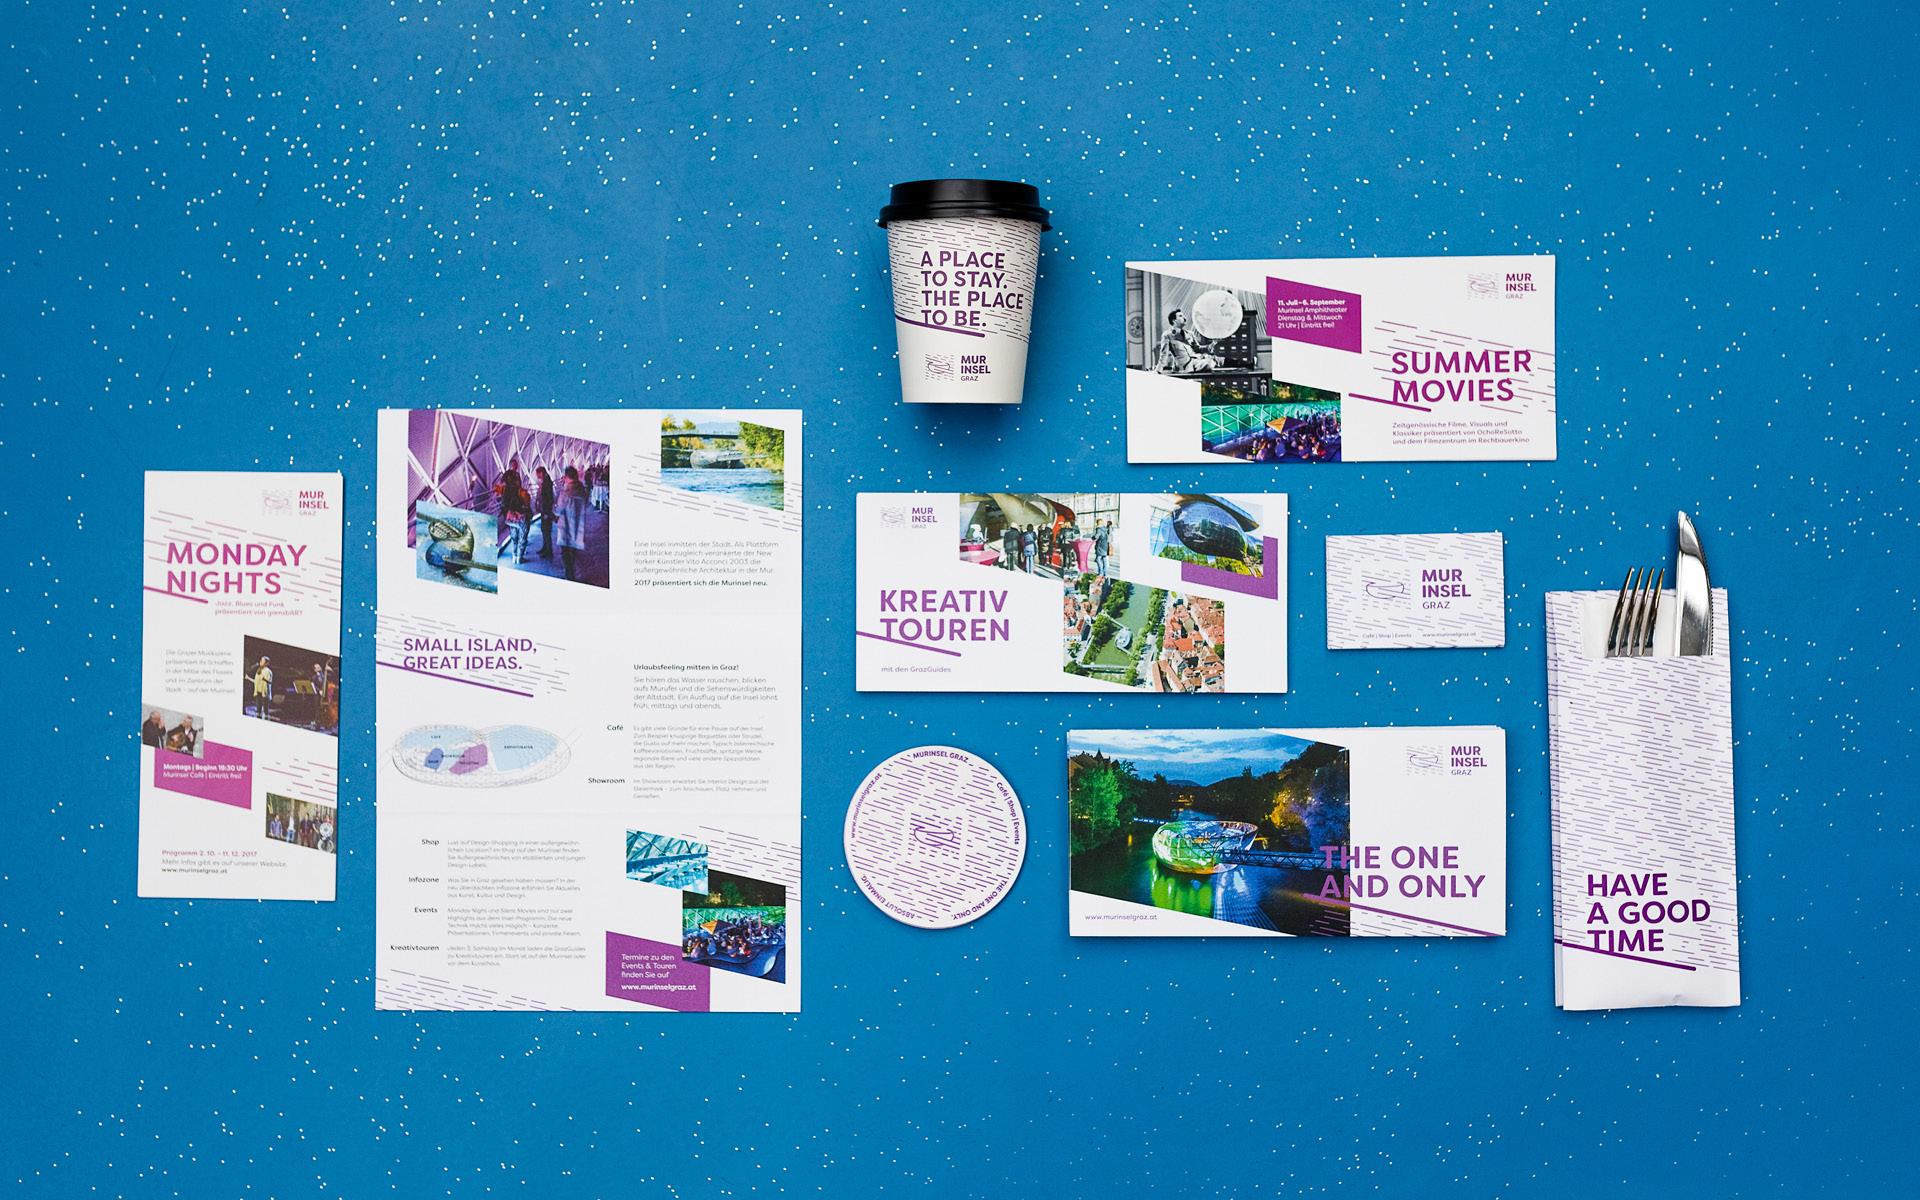 Markenentwicklung Printdesign und Werbemittel von look design Graz fuer Murinsel